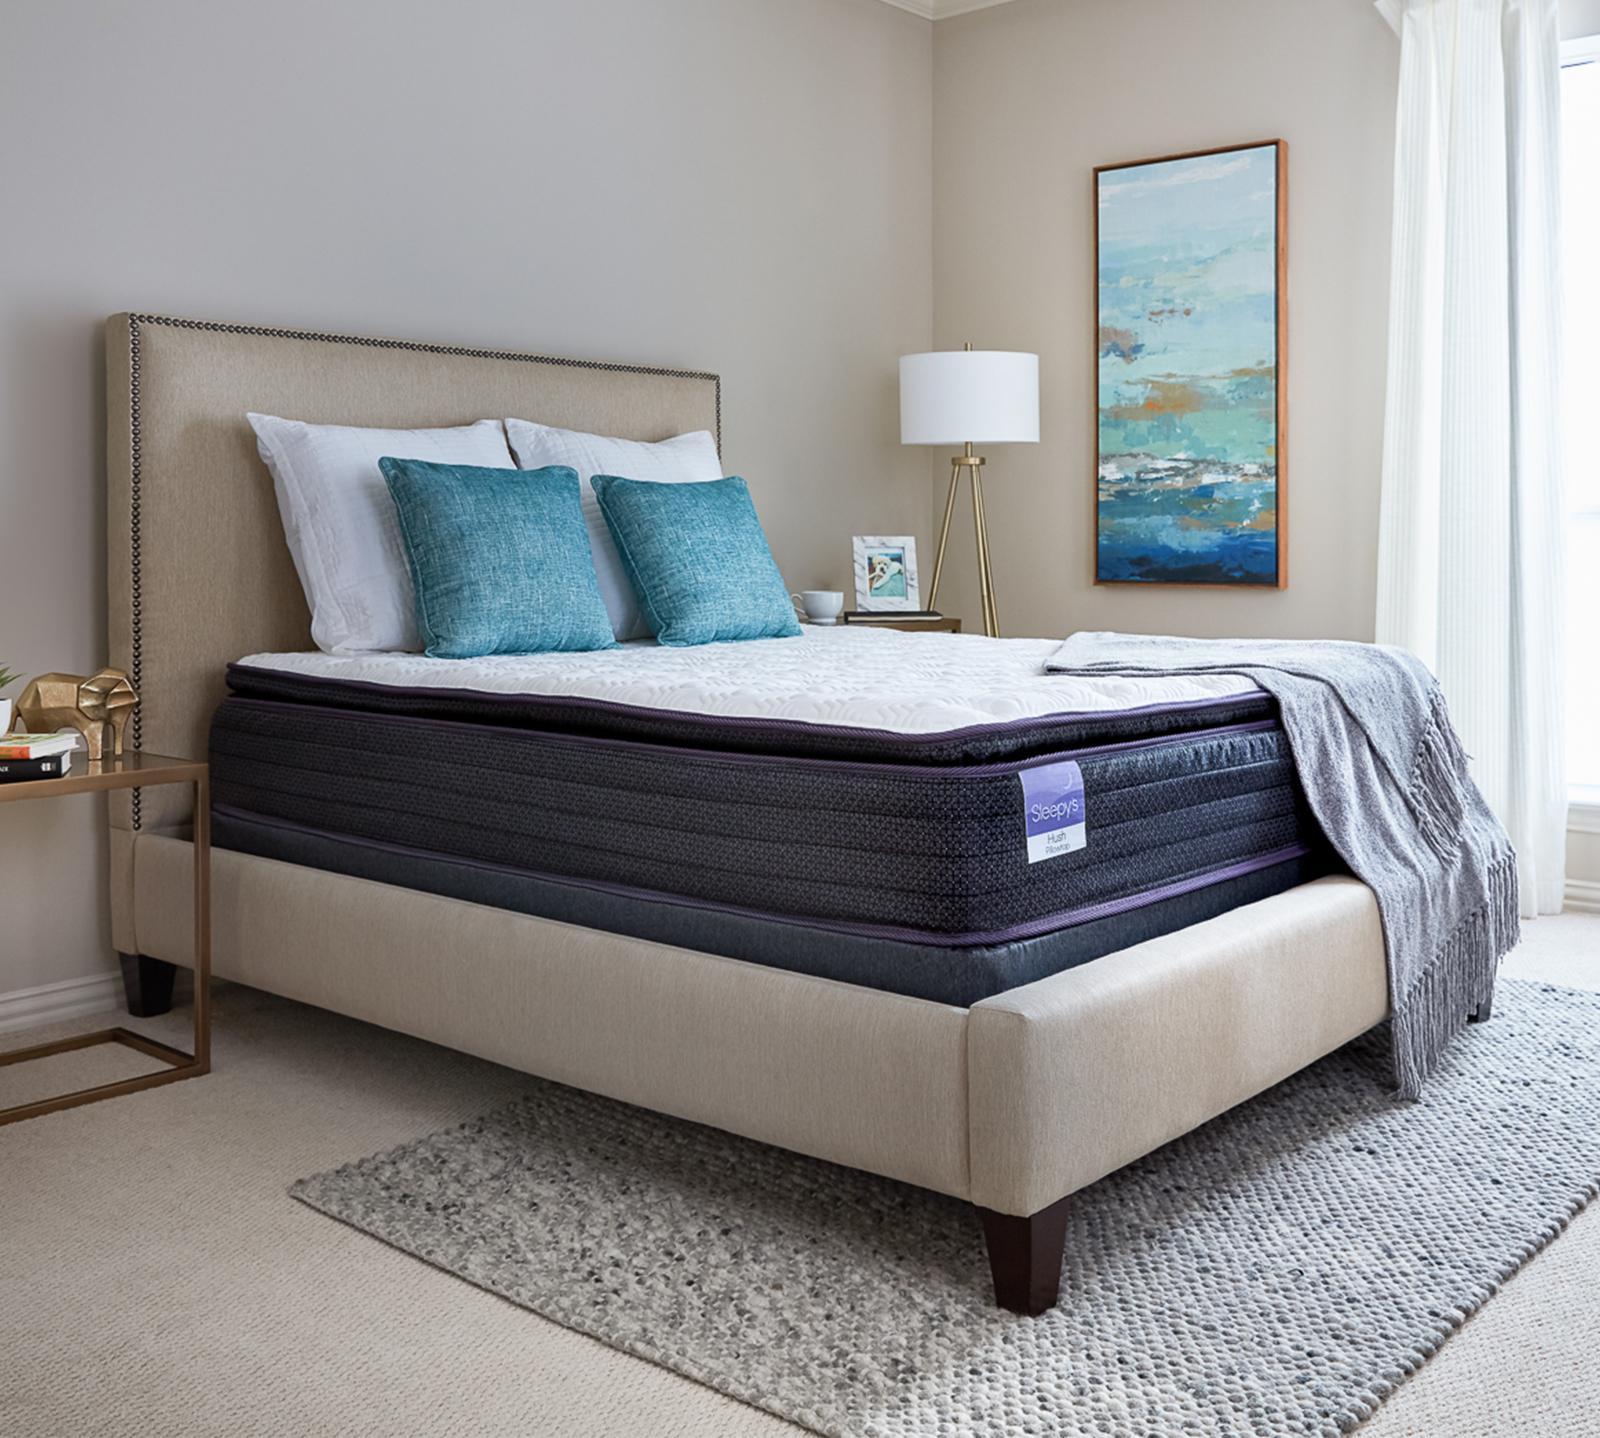 sleepy s hush 11 pillowtop